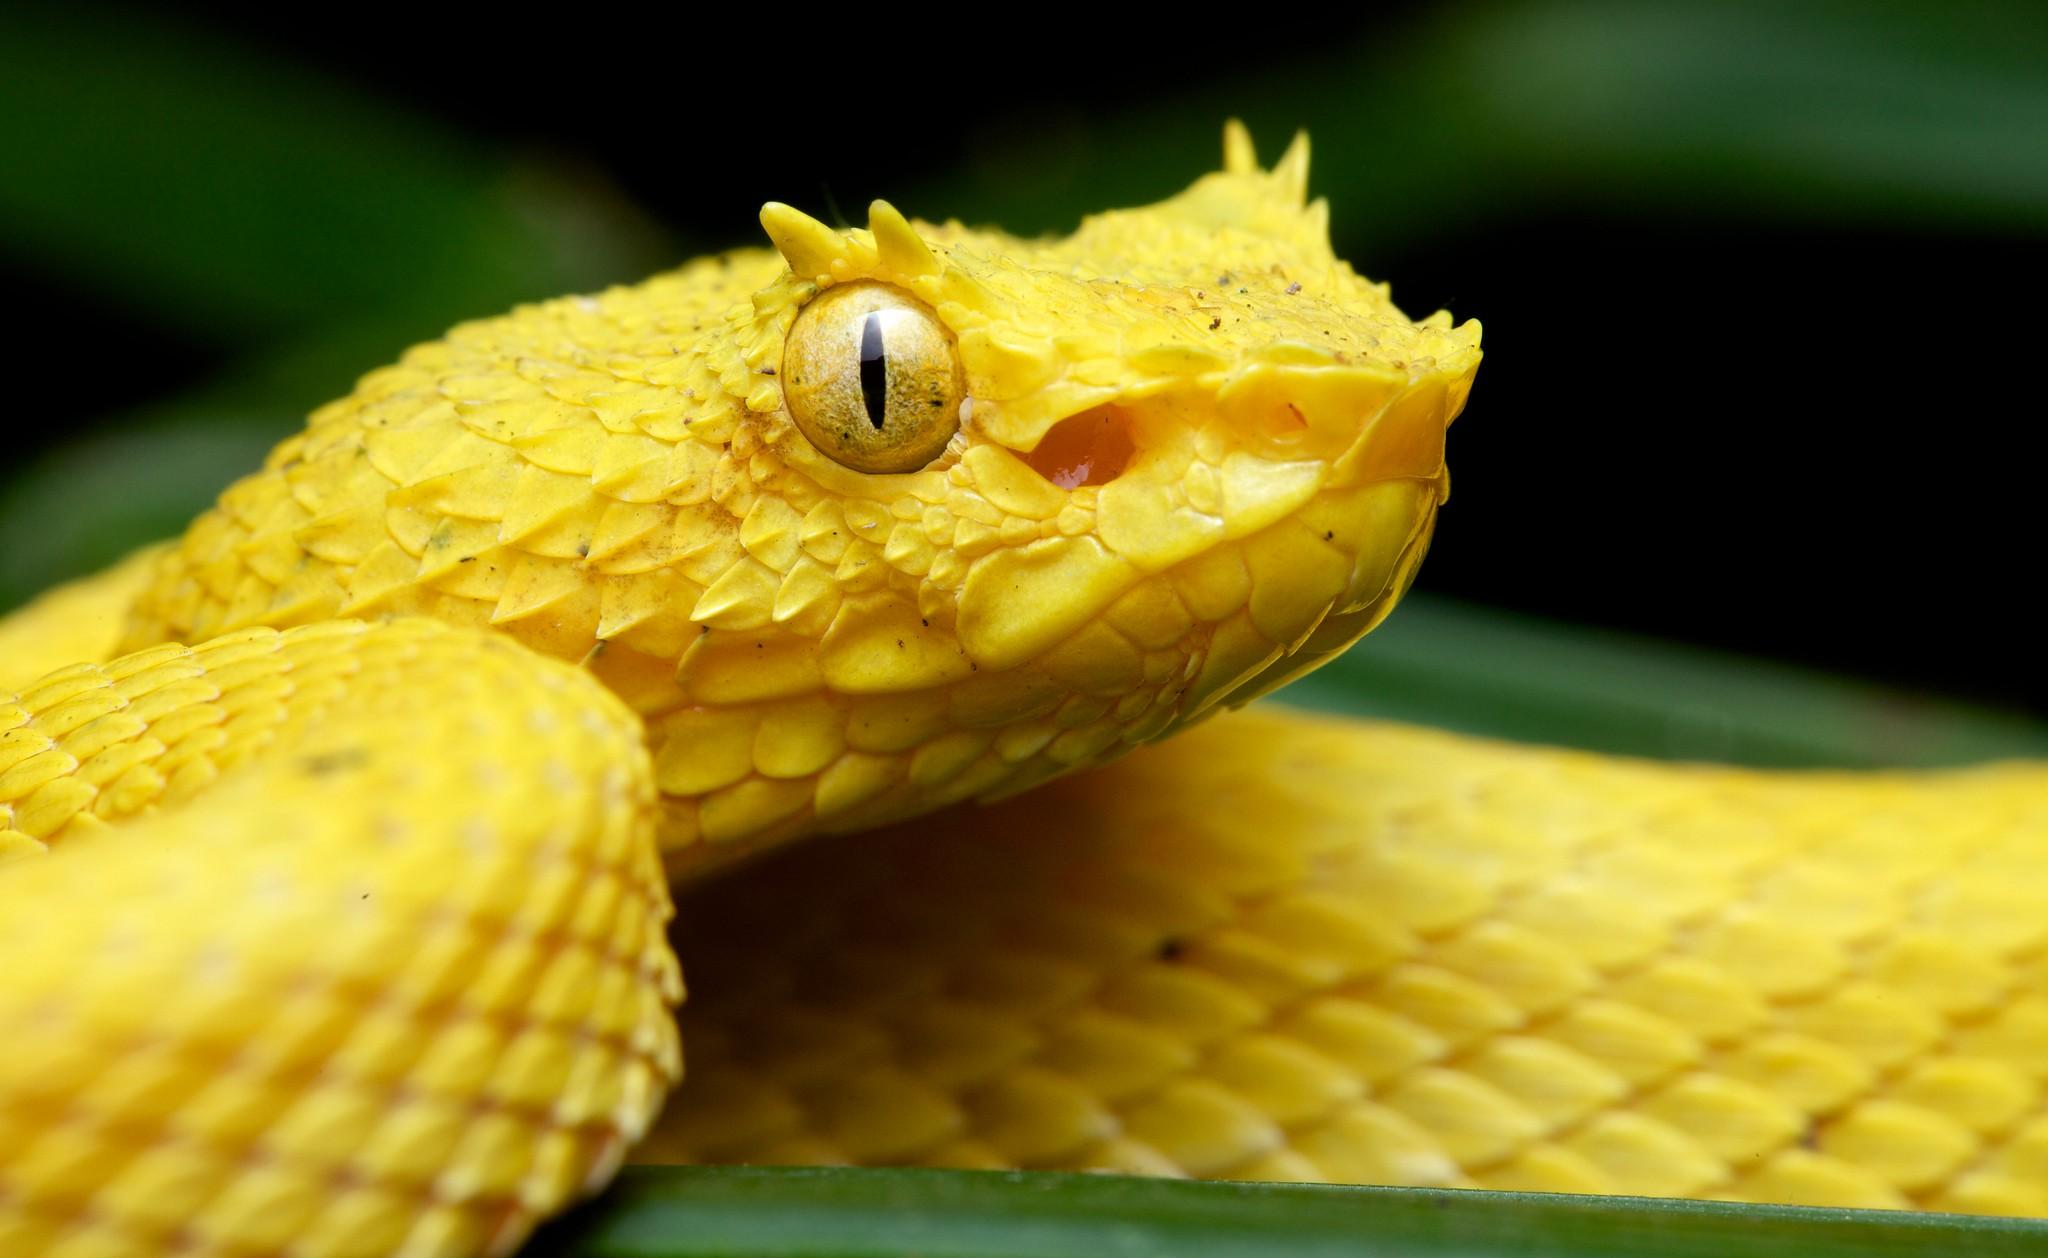 Yellow eyelash pit viper (Bothriechis schlegelii)